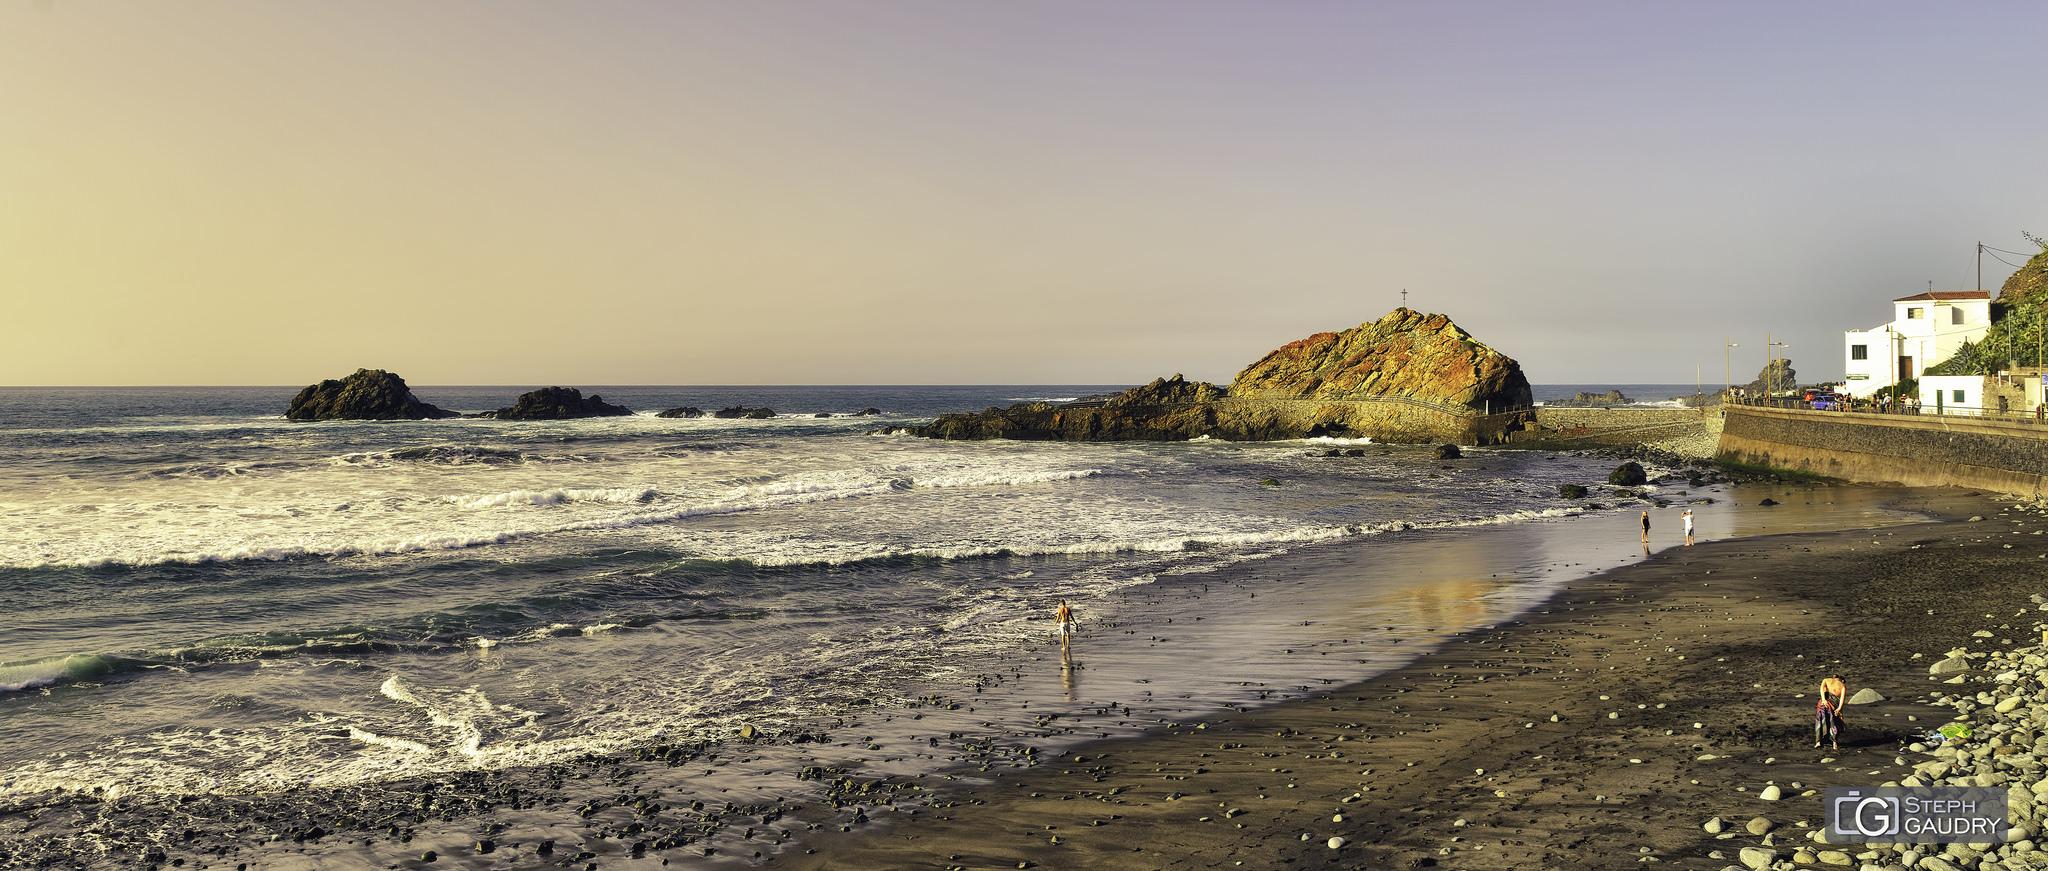 Un paseo por la playa antes de la cena en Casa África [Cliquez pour lancer le diaporama]